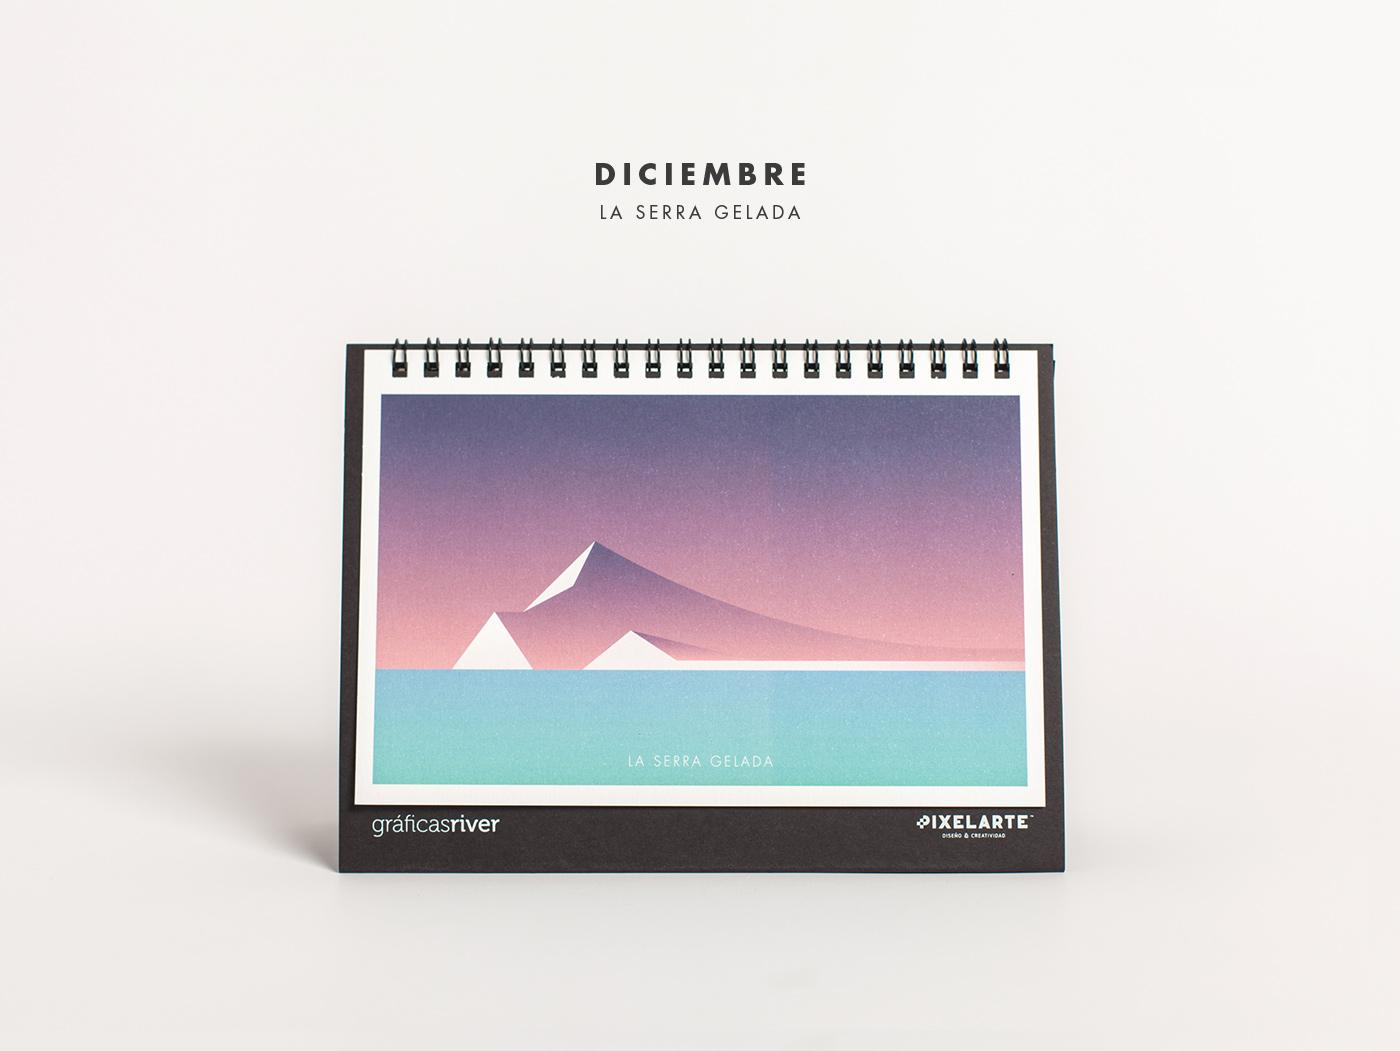 pixelarte-estudio-diseno-grafico-calendario-parques-comunidad_valenciana-diciembre-2016